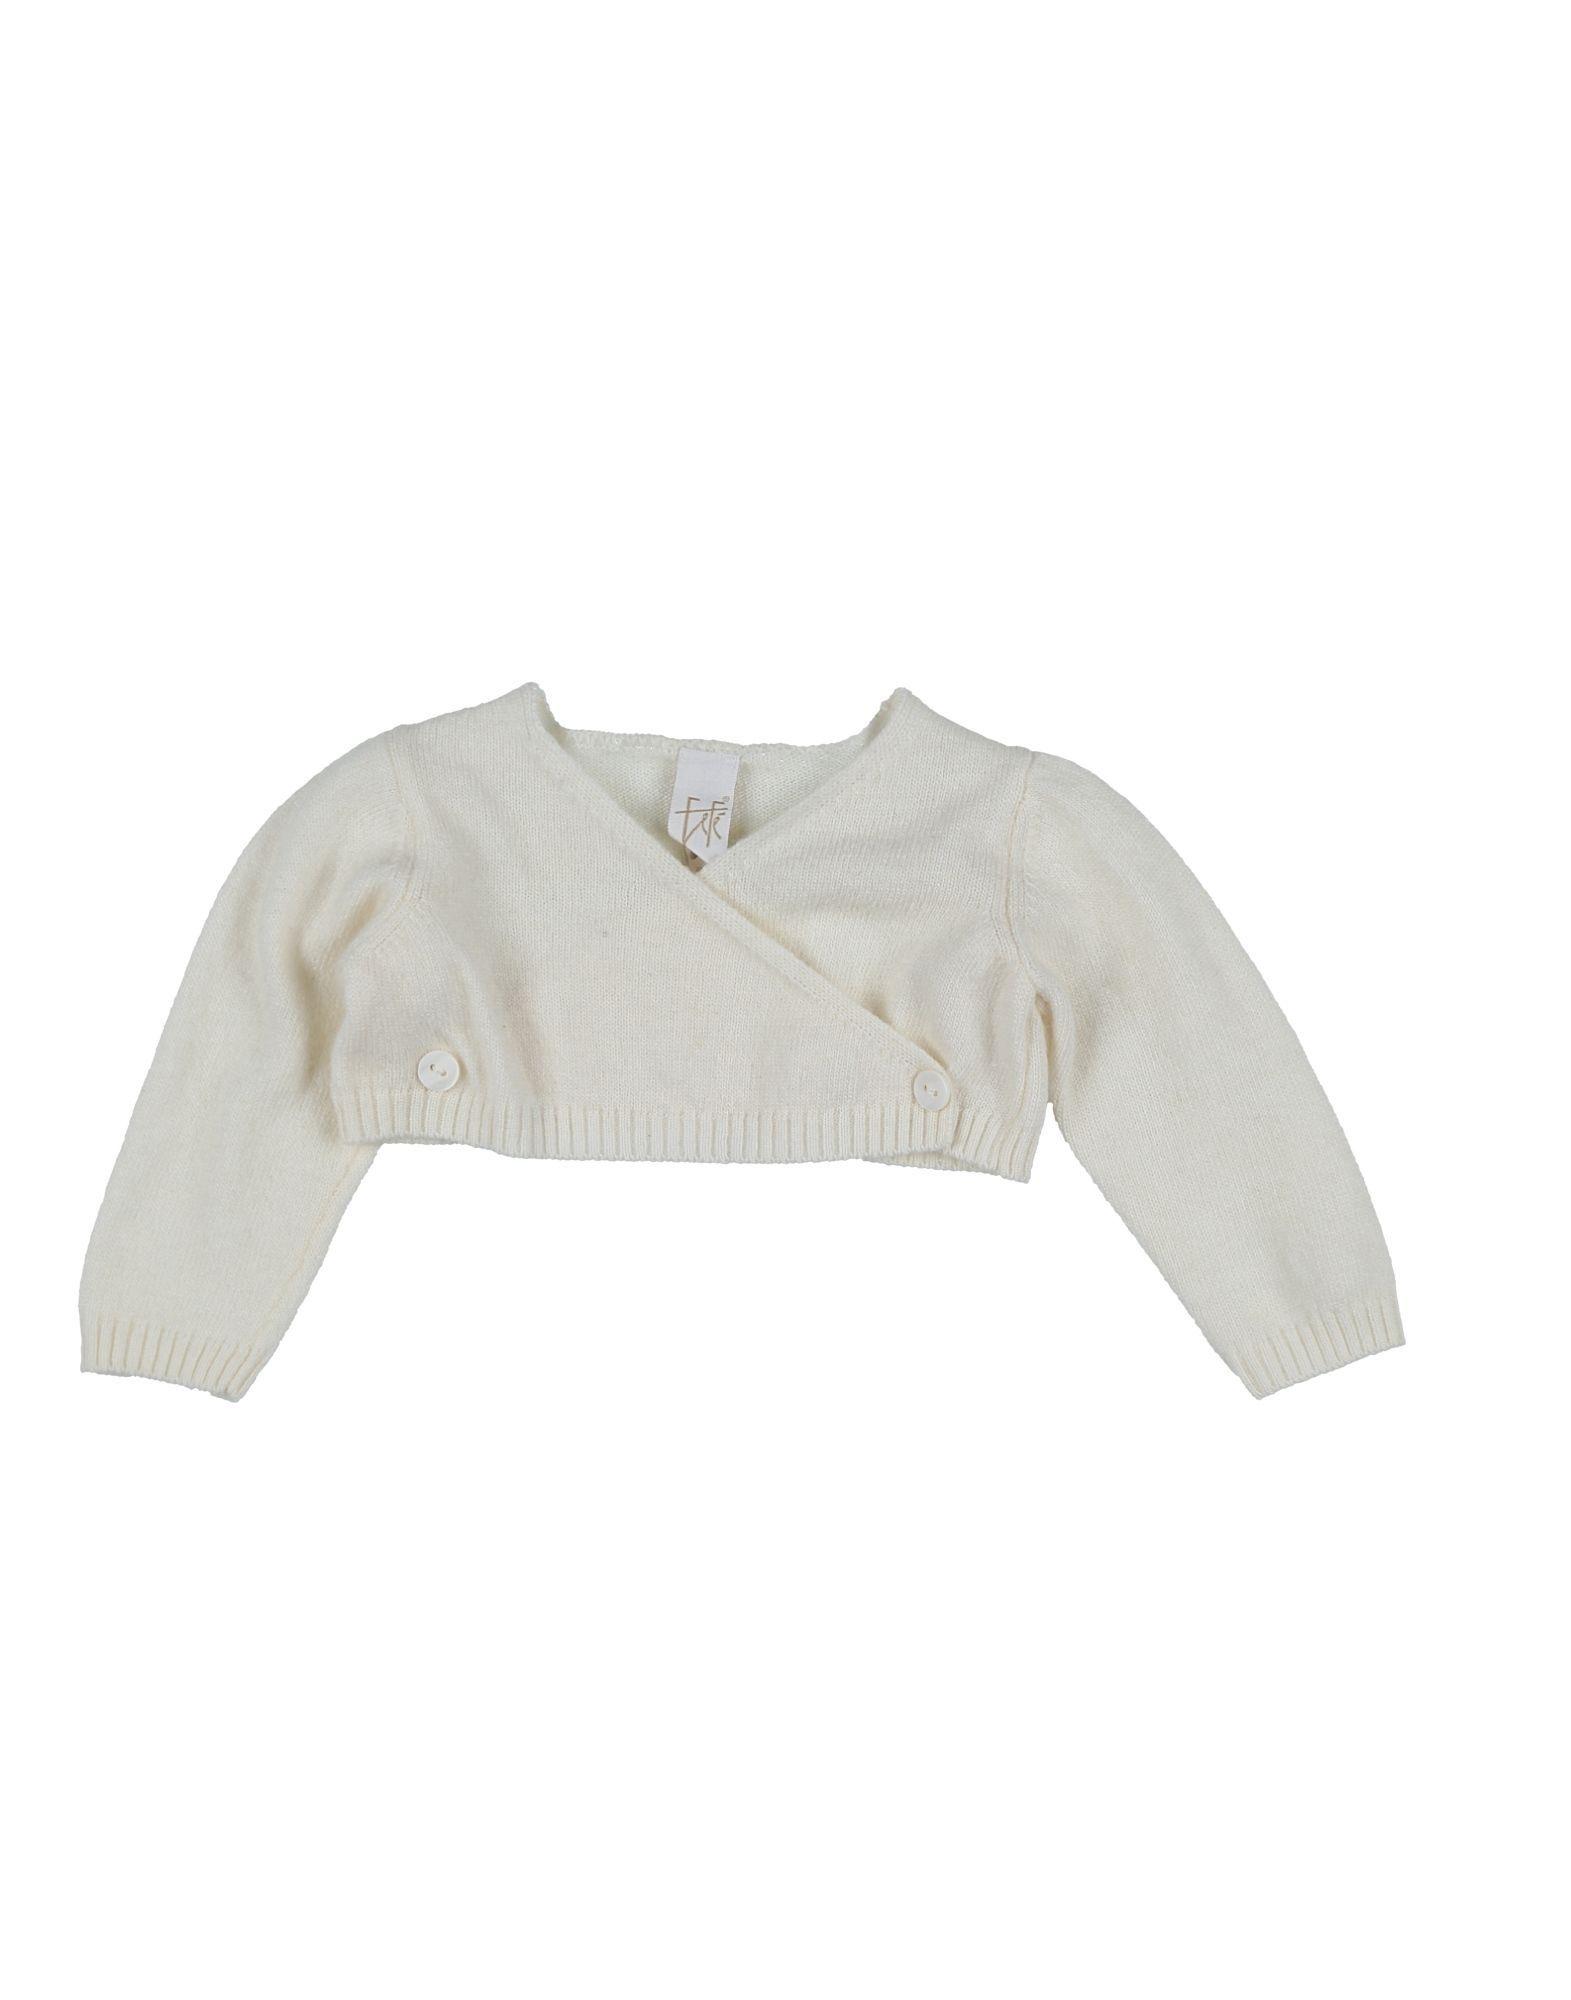 KNITWEAR Fef� Ivory Girl Merinos Wool